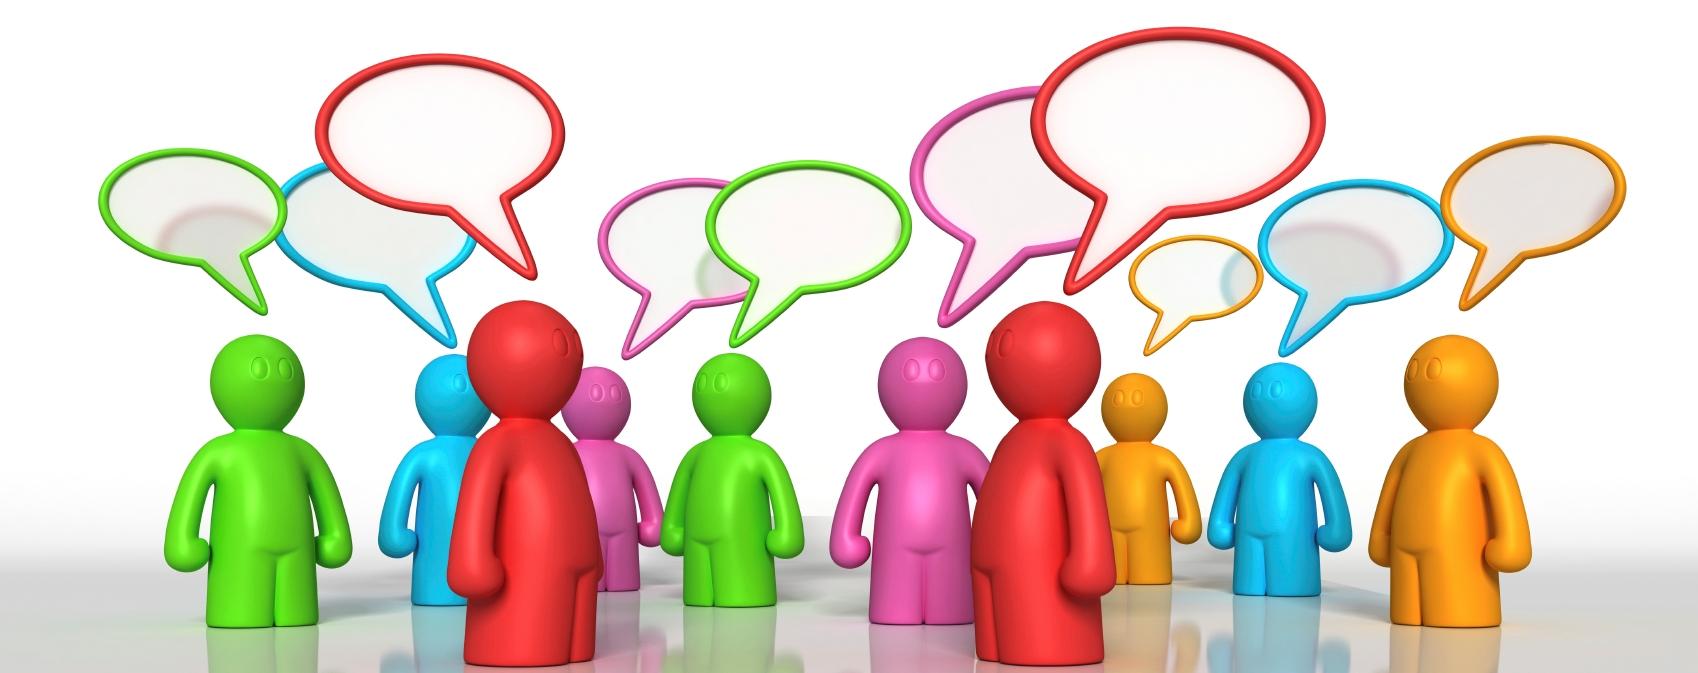 Las redes sociales como estrategia comunicativa